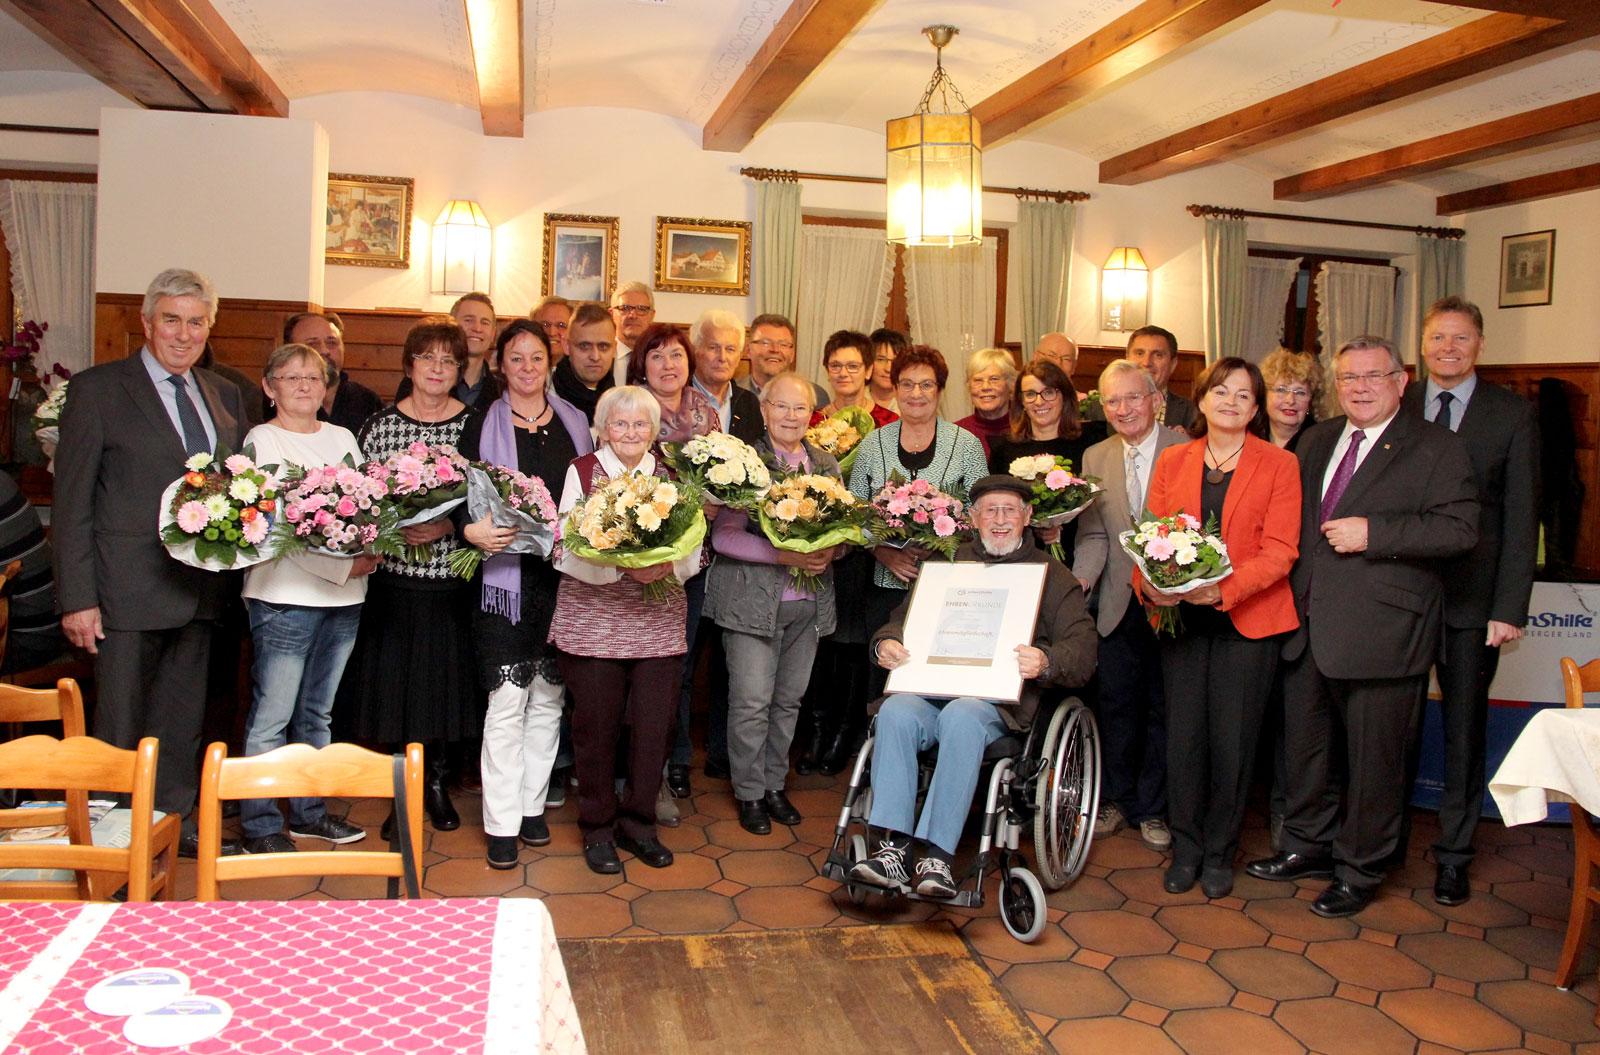 Neuwahlen und die Ehrung langjähriger Mitglieder und Verleihung der Ehrenmitgliedswürde an Werner Dumberger und Lorenz Graf waren Höhepunkte der Jahreshauptversammlung 2017.